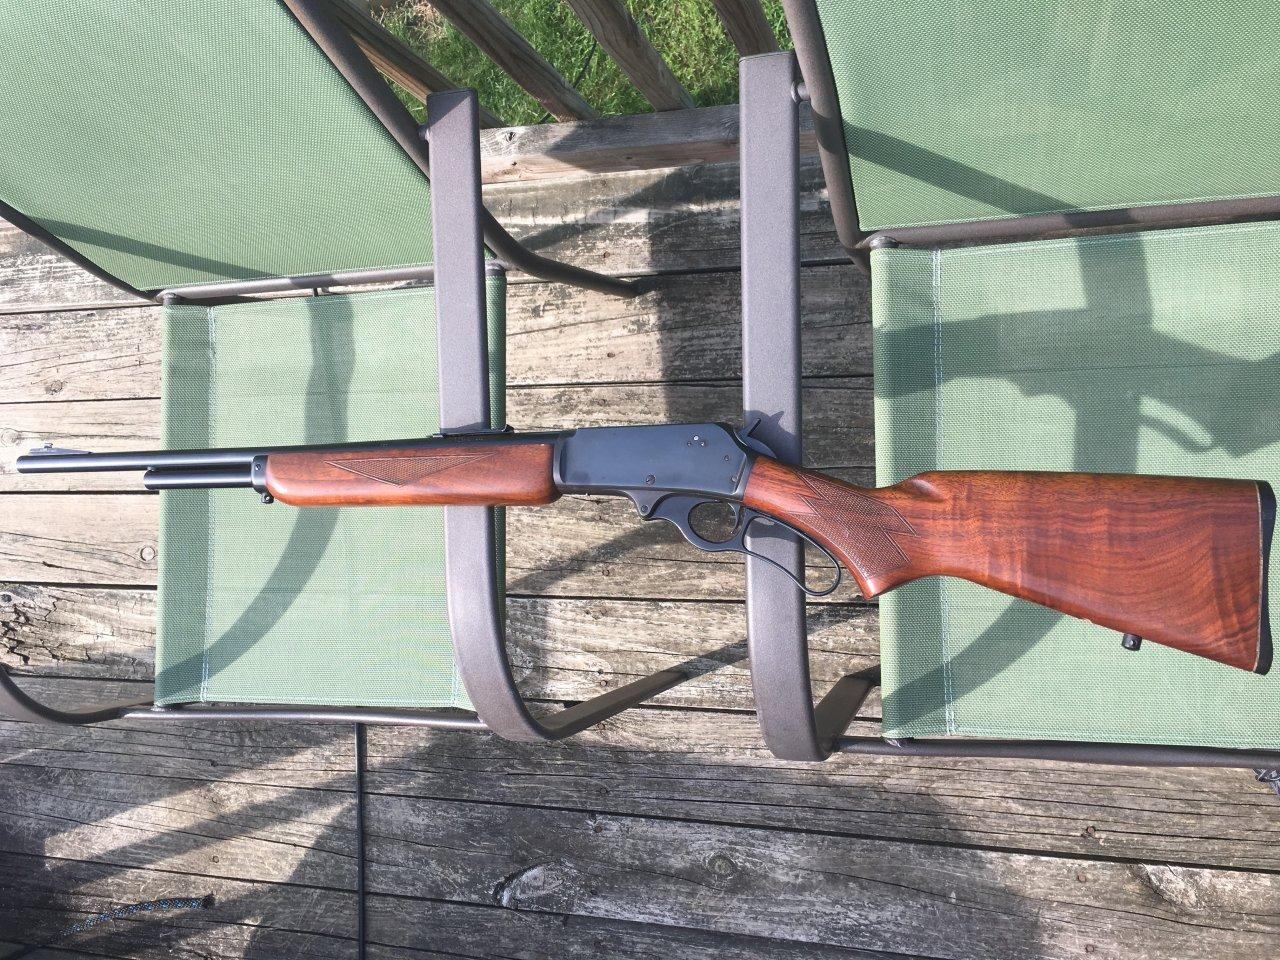 Marlin Model 336  35 Rem Value | Gun Values Board